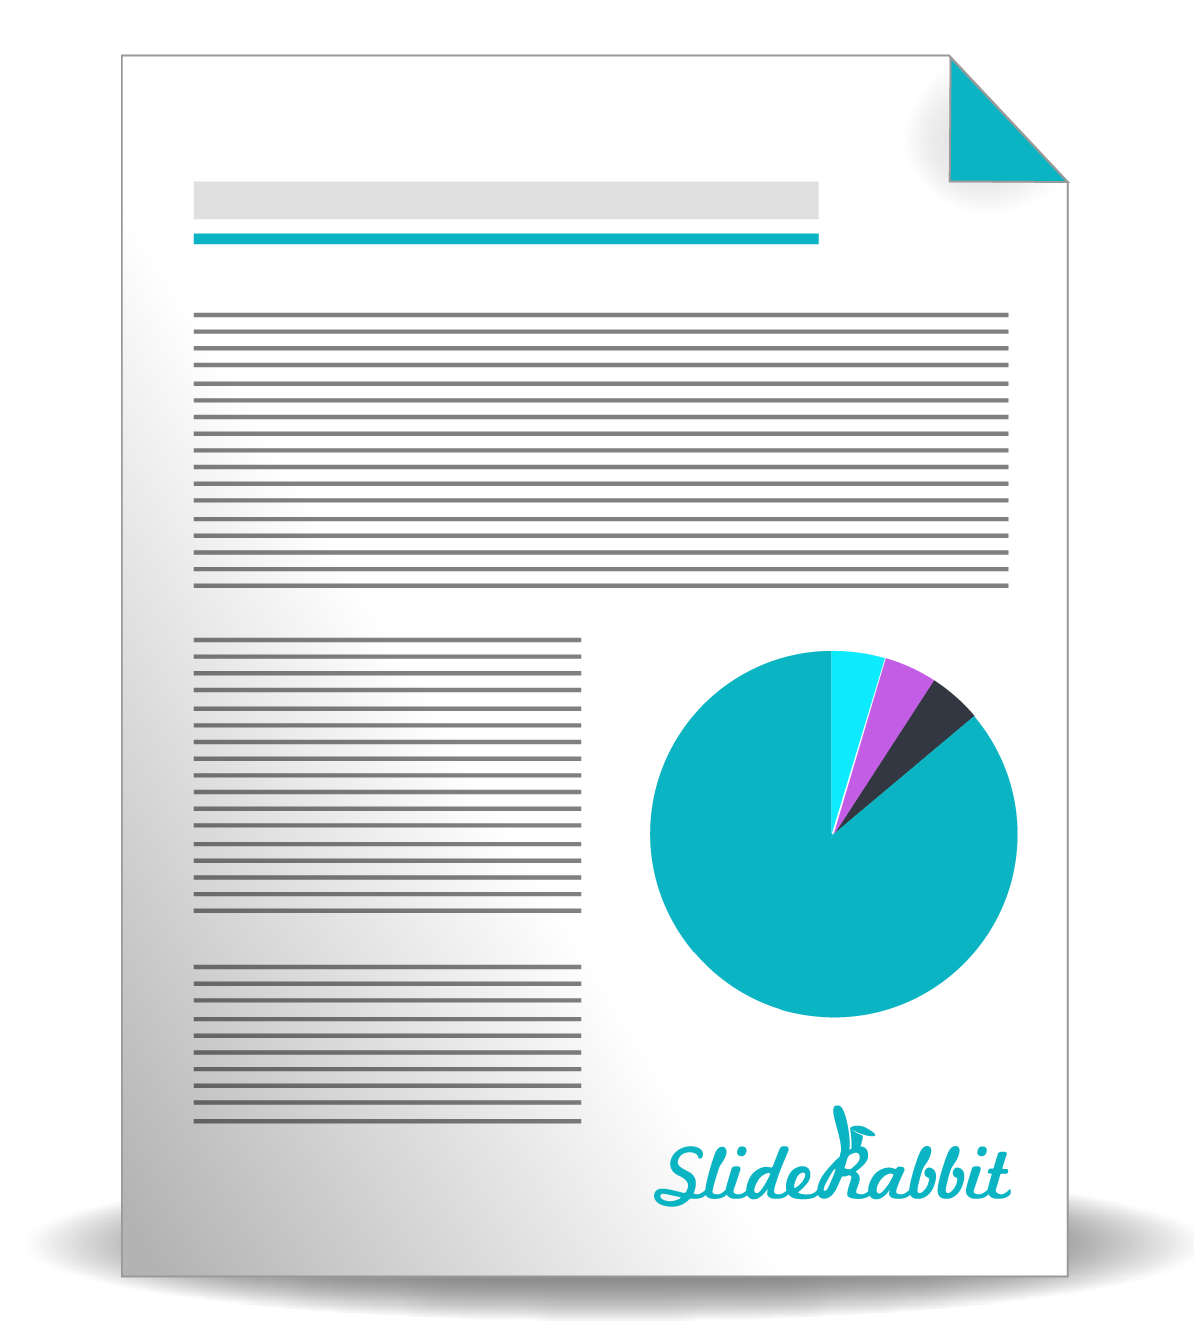 Presentation Software SlideRabbit VisualSugar Presentation Design Powerpoint